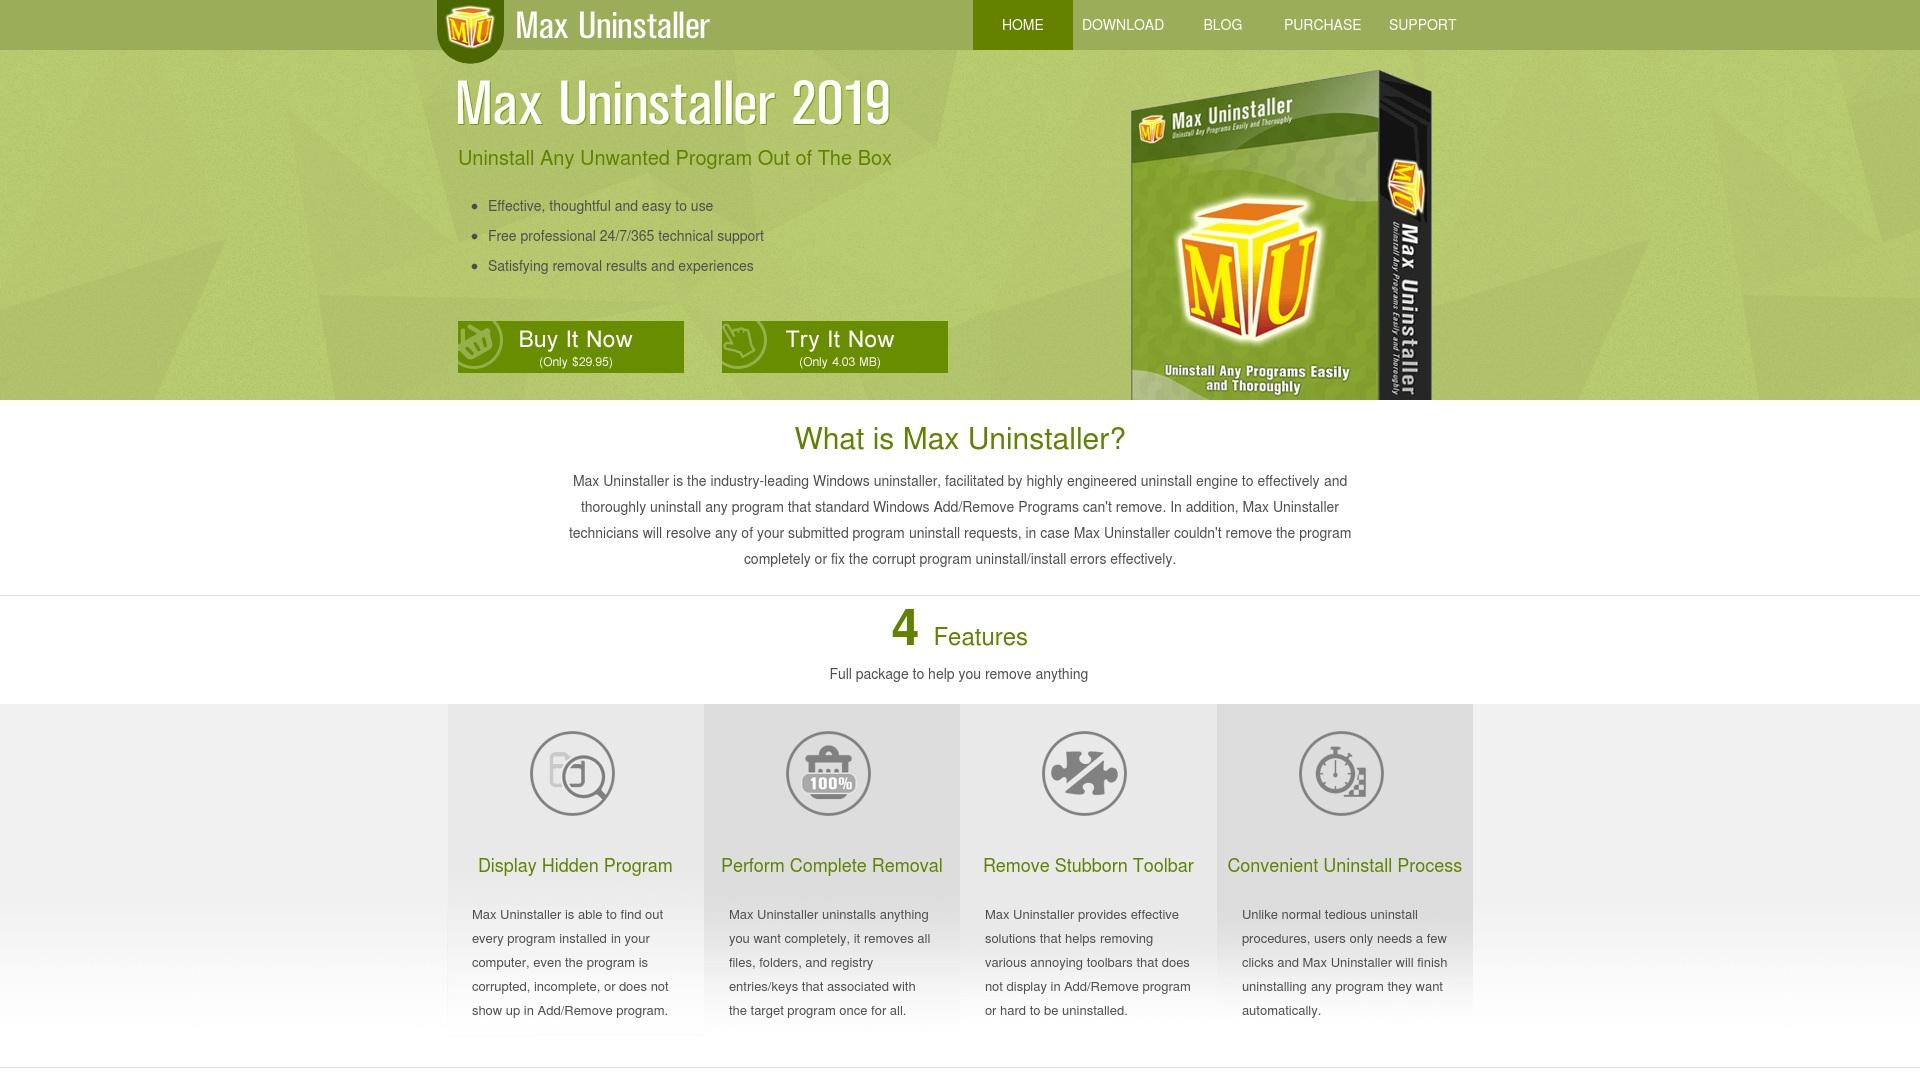 Gutschein für Maxuninstaller: Rabatte für  Maxuninstaller sichern